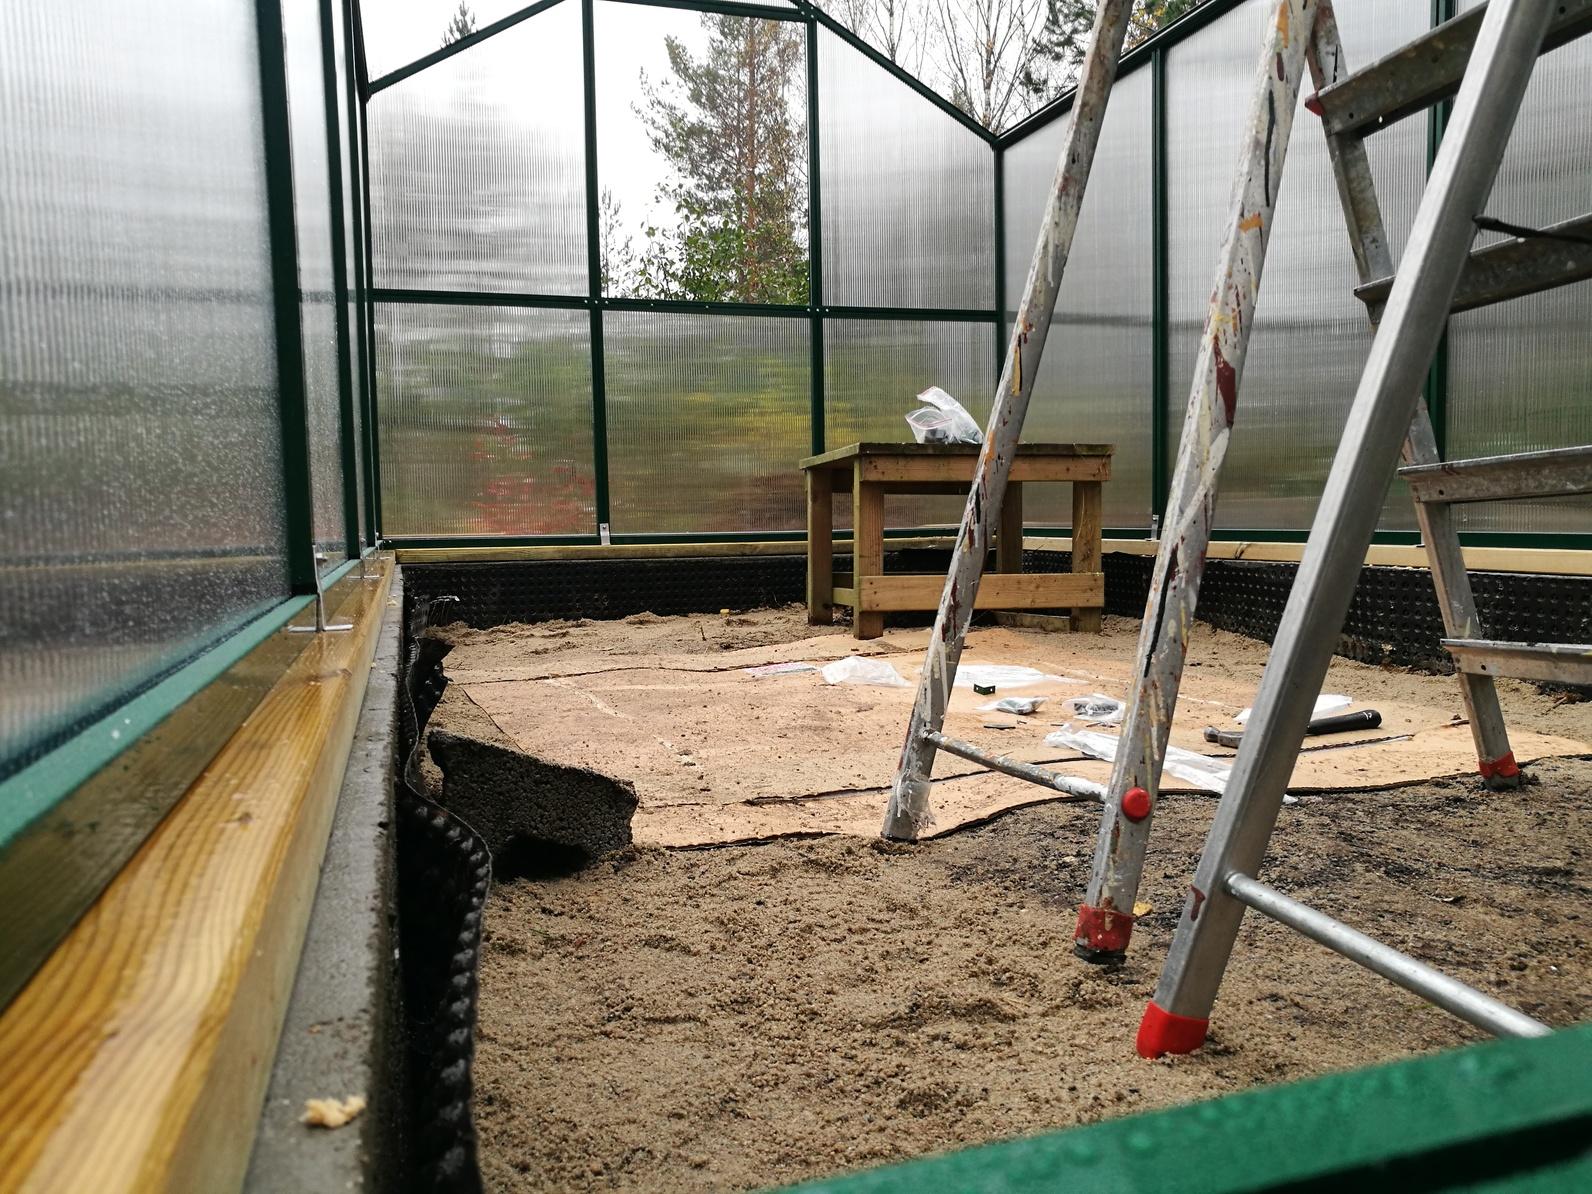 Lieblings Gewächshaus selber bauen: Anleitung & Tipps - Plantura #UG_43